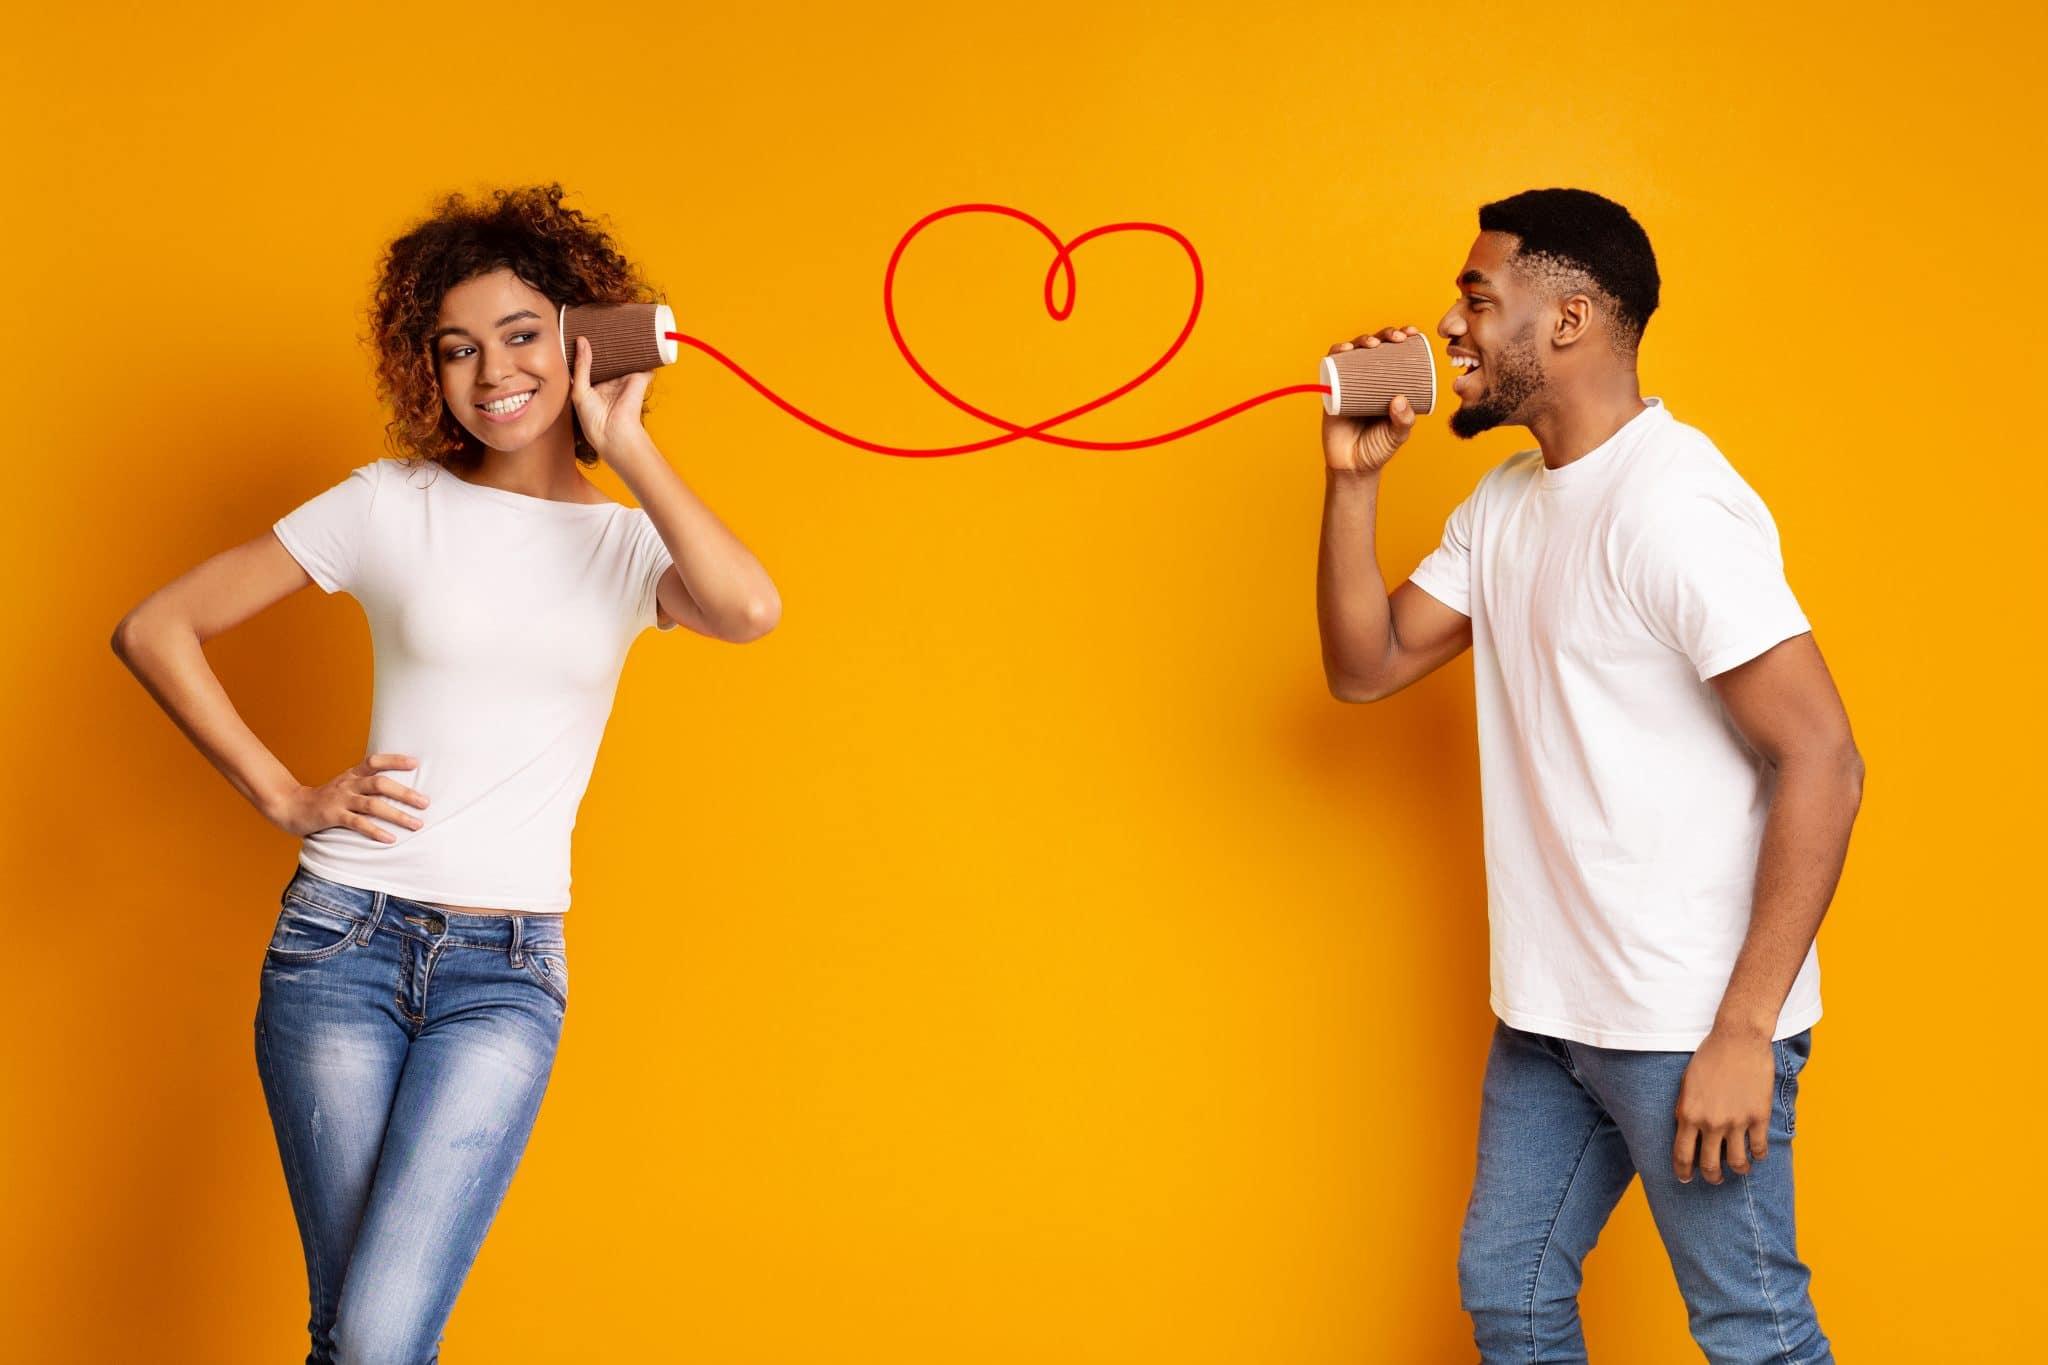 Das-sind-die-6-Phasen-der-Liebe-in-einer-Beziehung